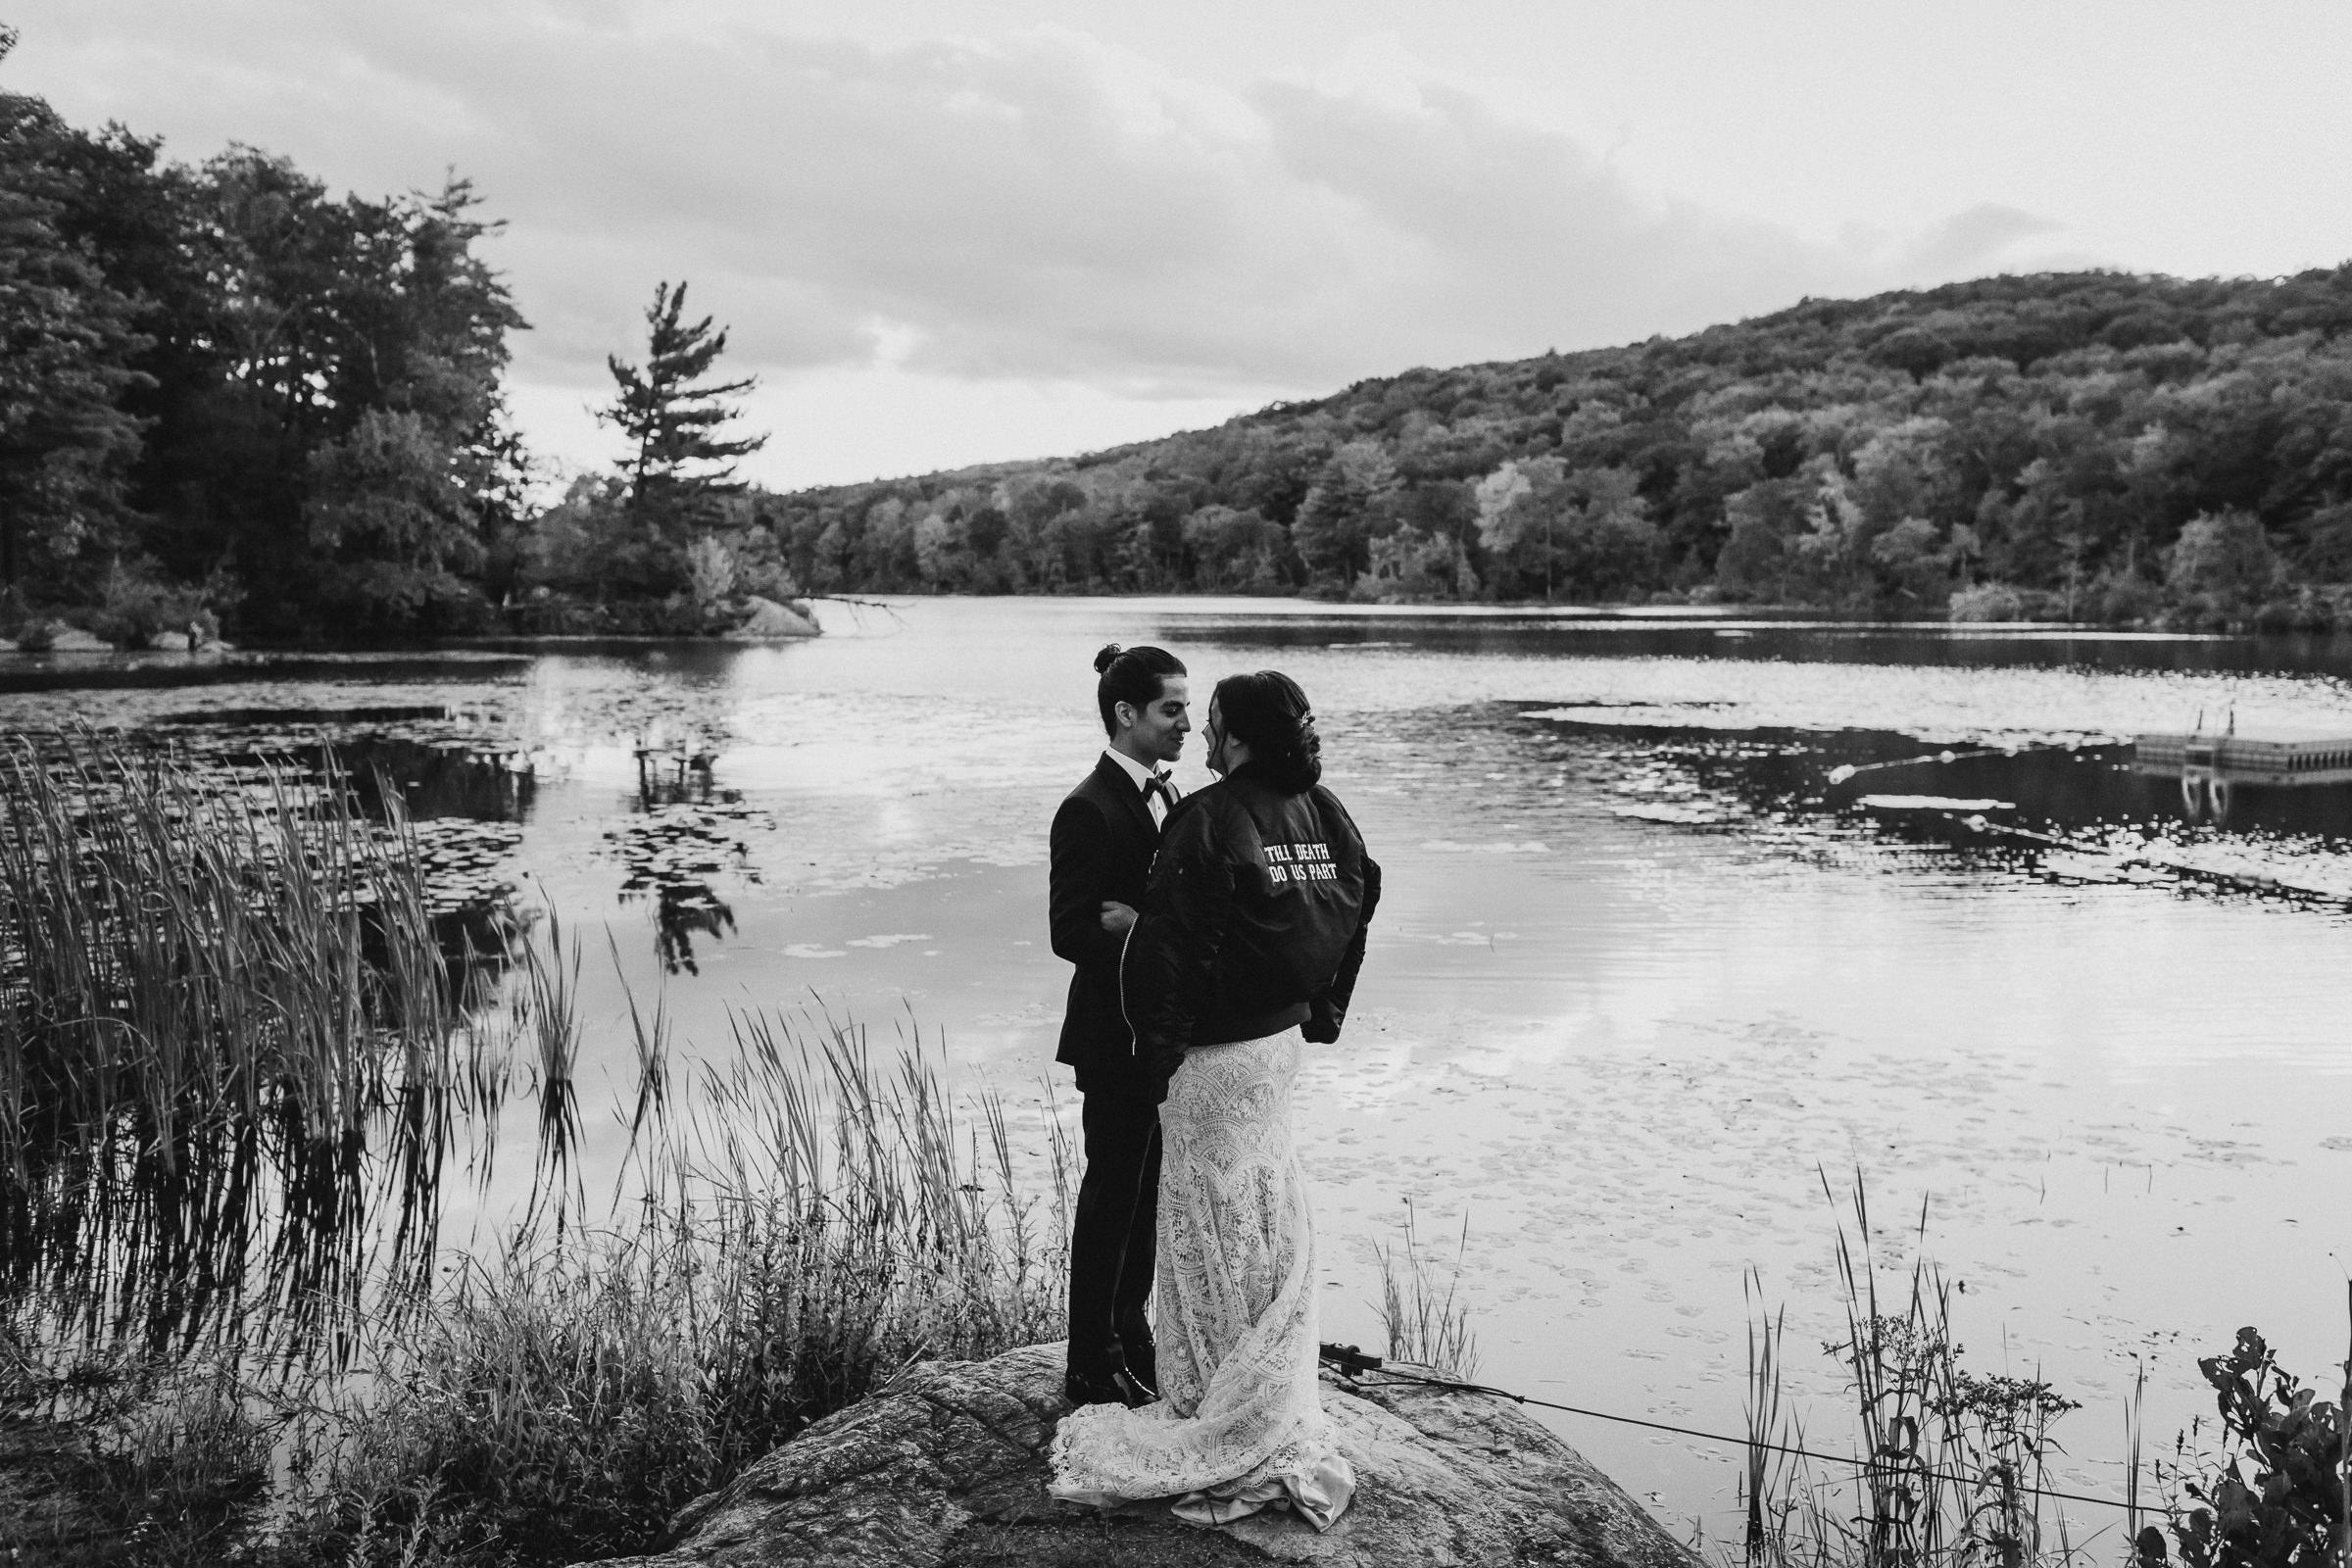 Arrow-Park-Monroe-NY-Documentary-Wedding-Photographer-70.jpg